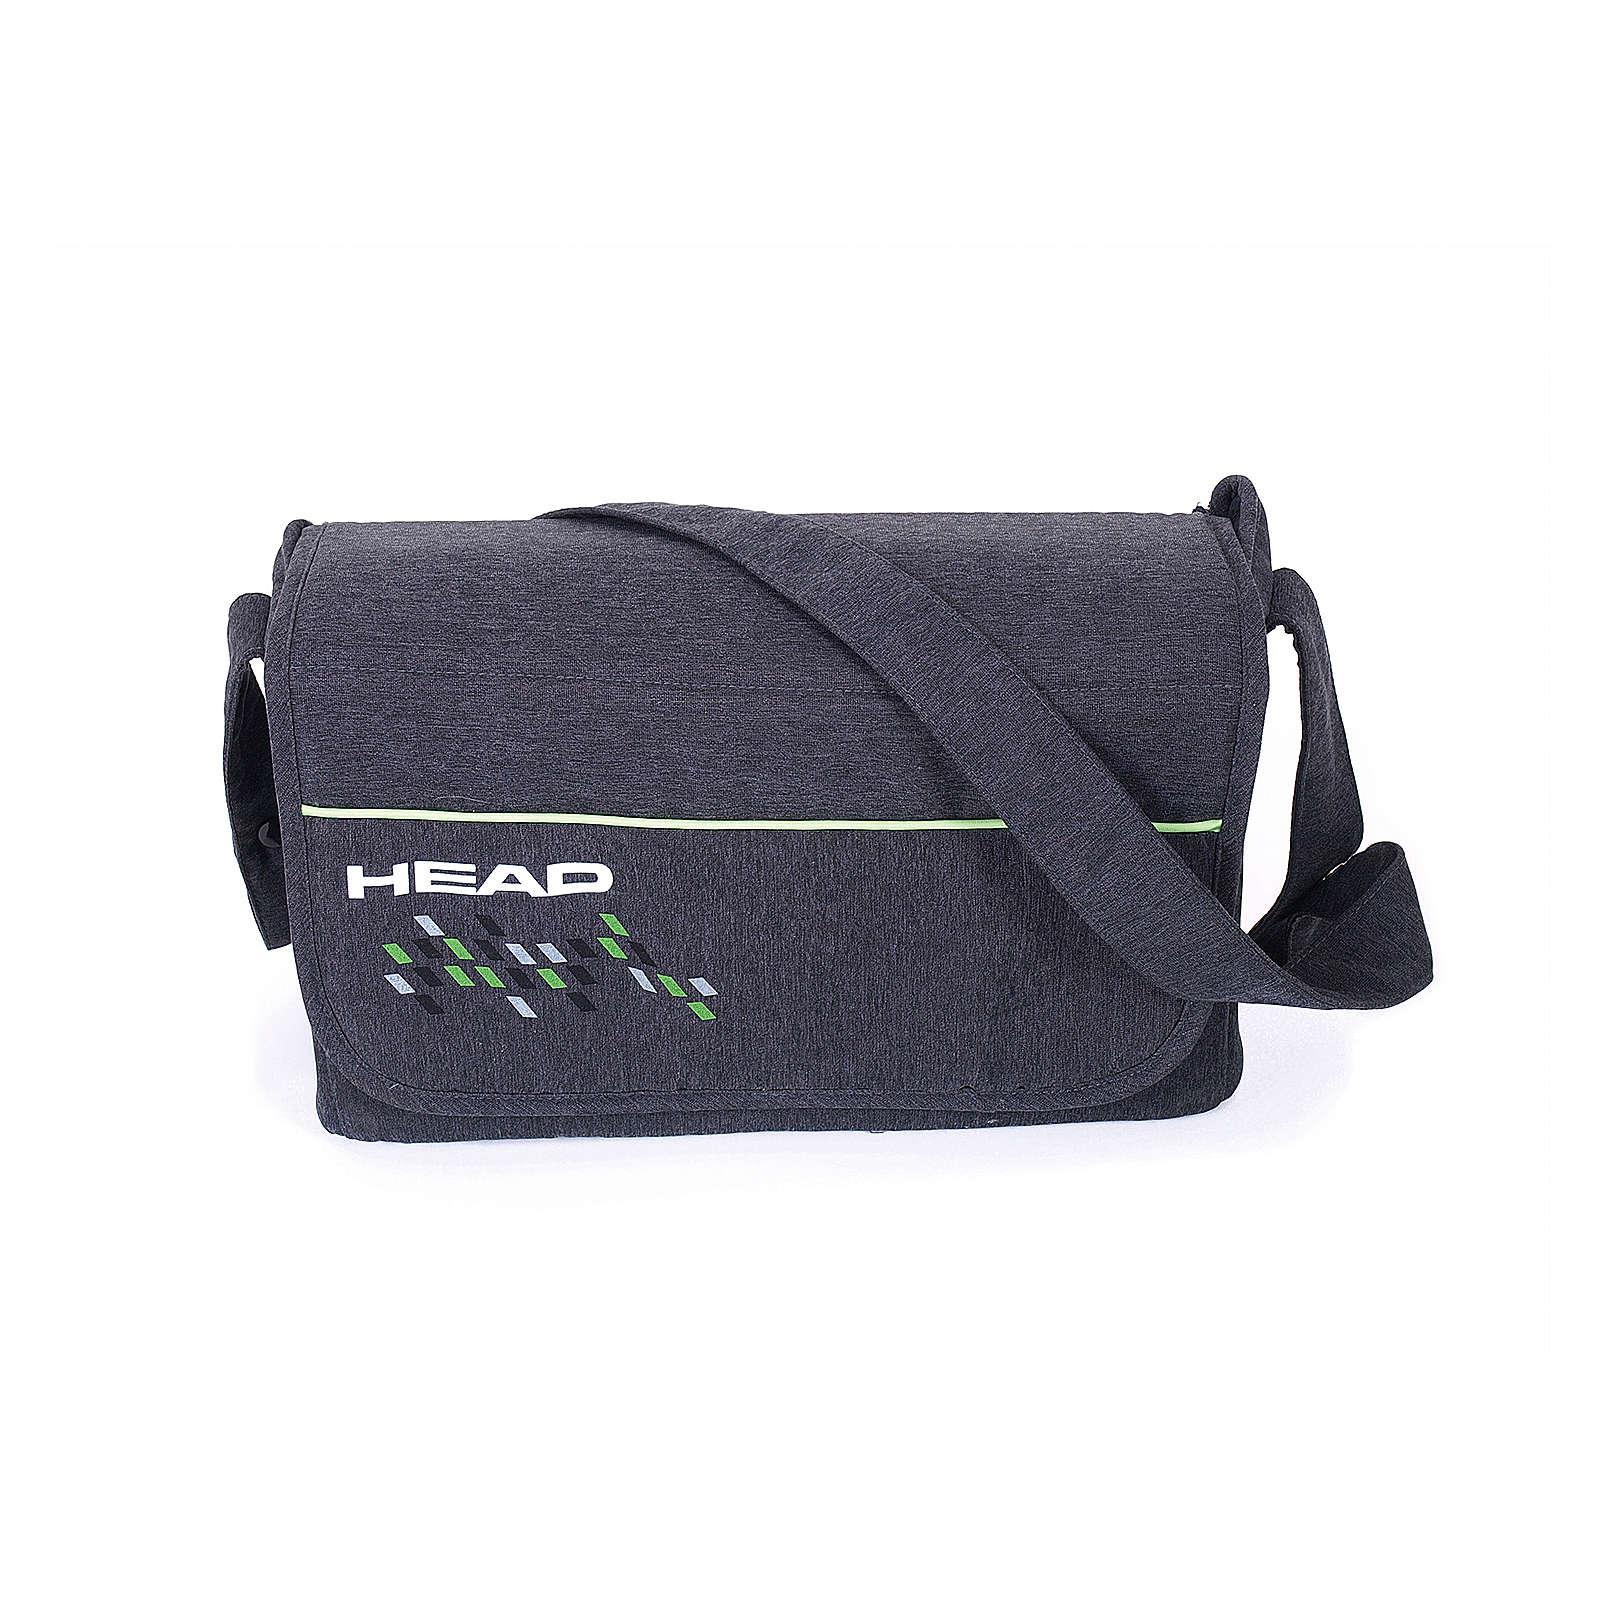 knorr-baby Wickeltasche für Kombi-Kinderwagen HEAD, darkgrey-green grün